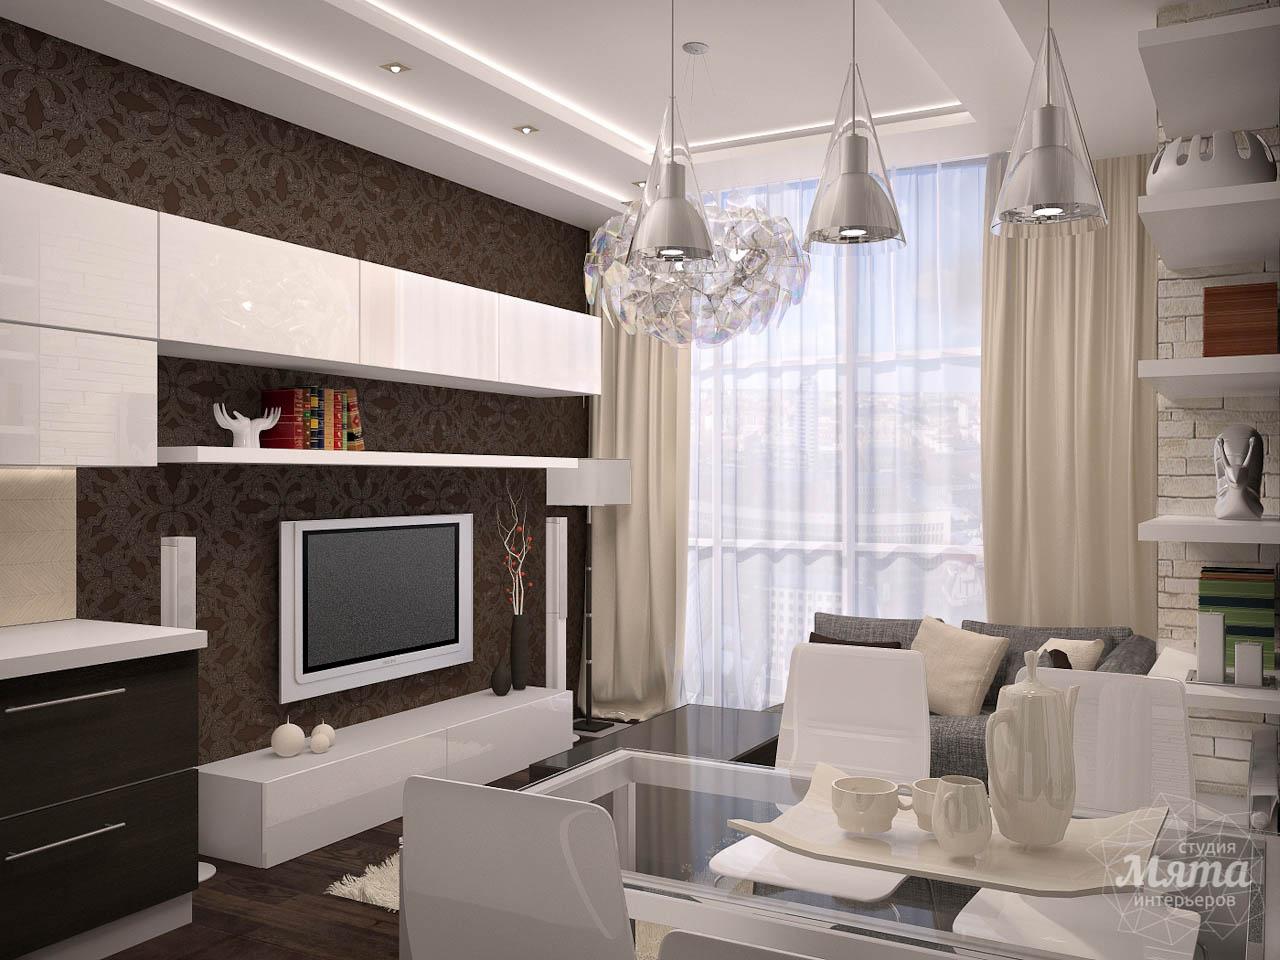 Дизайн интерьера трехкомнатной квартиры по ул. Папанина 18 img175651483